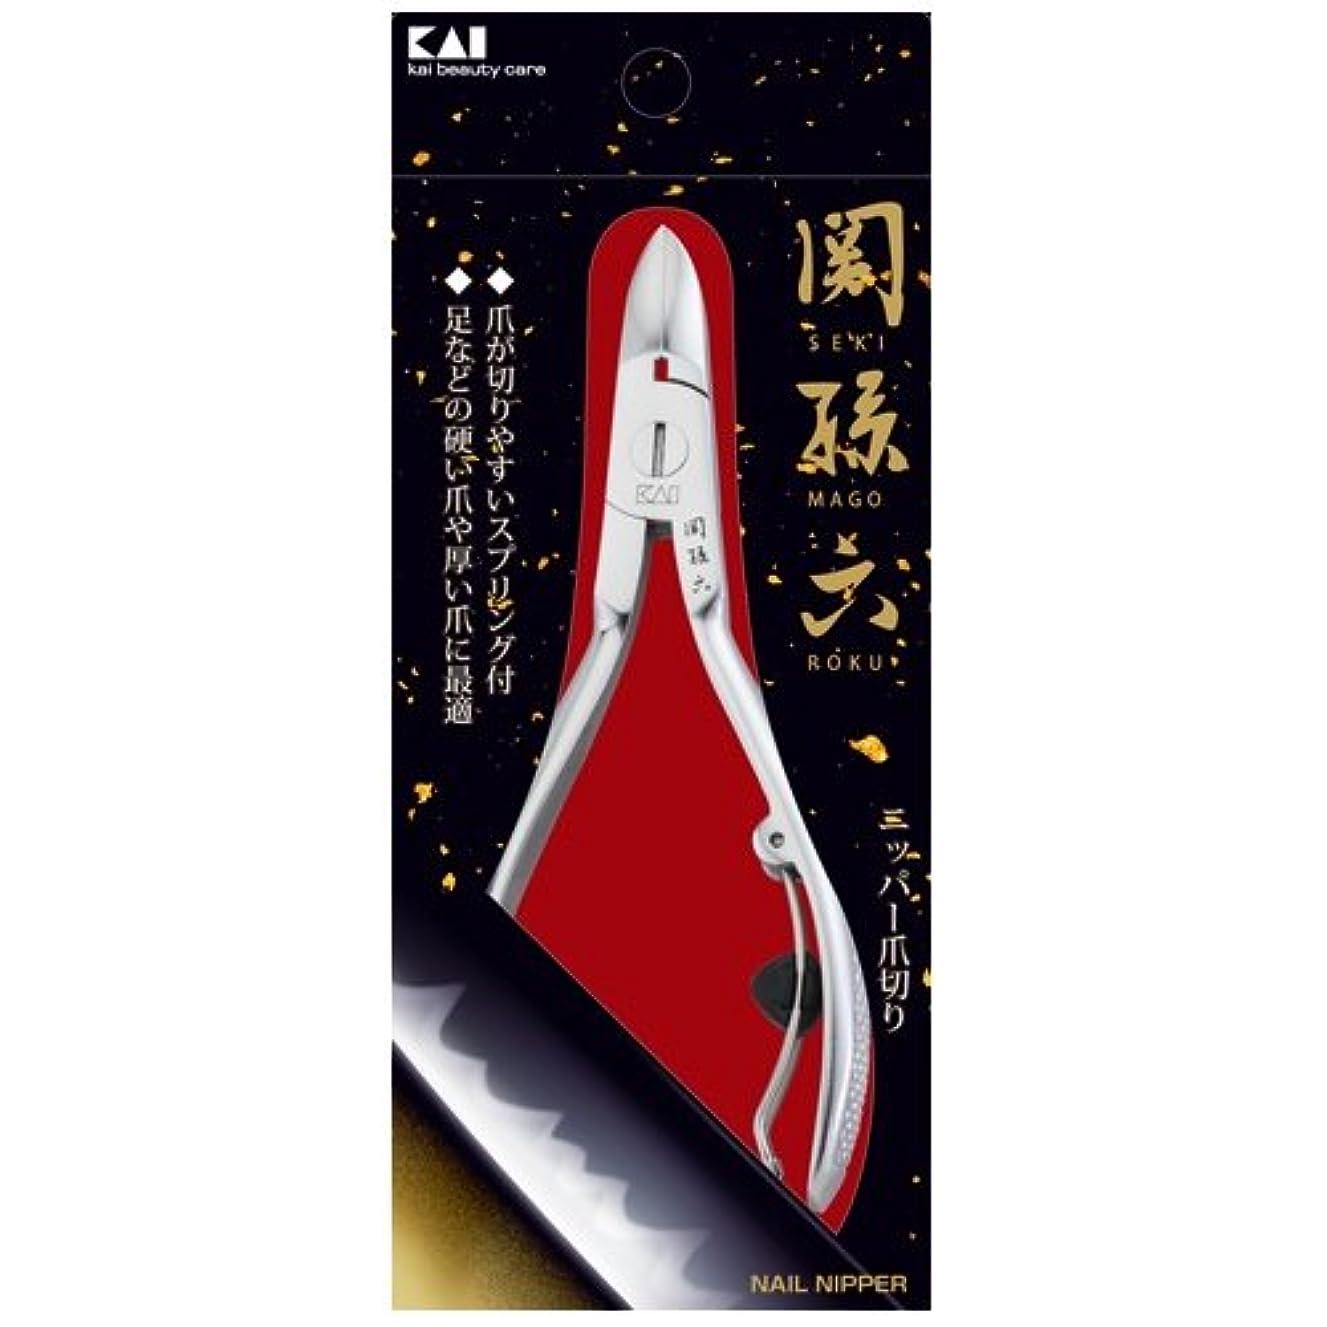 生き返らせるスペース保存関孫六 ニッパーツメキリ HC3504